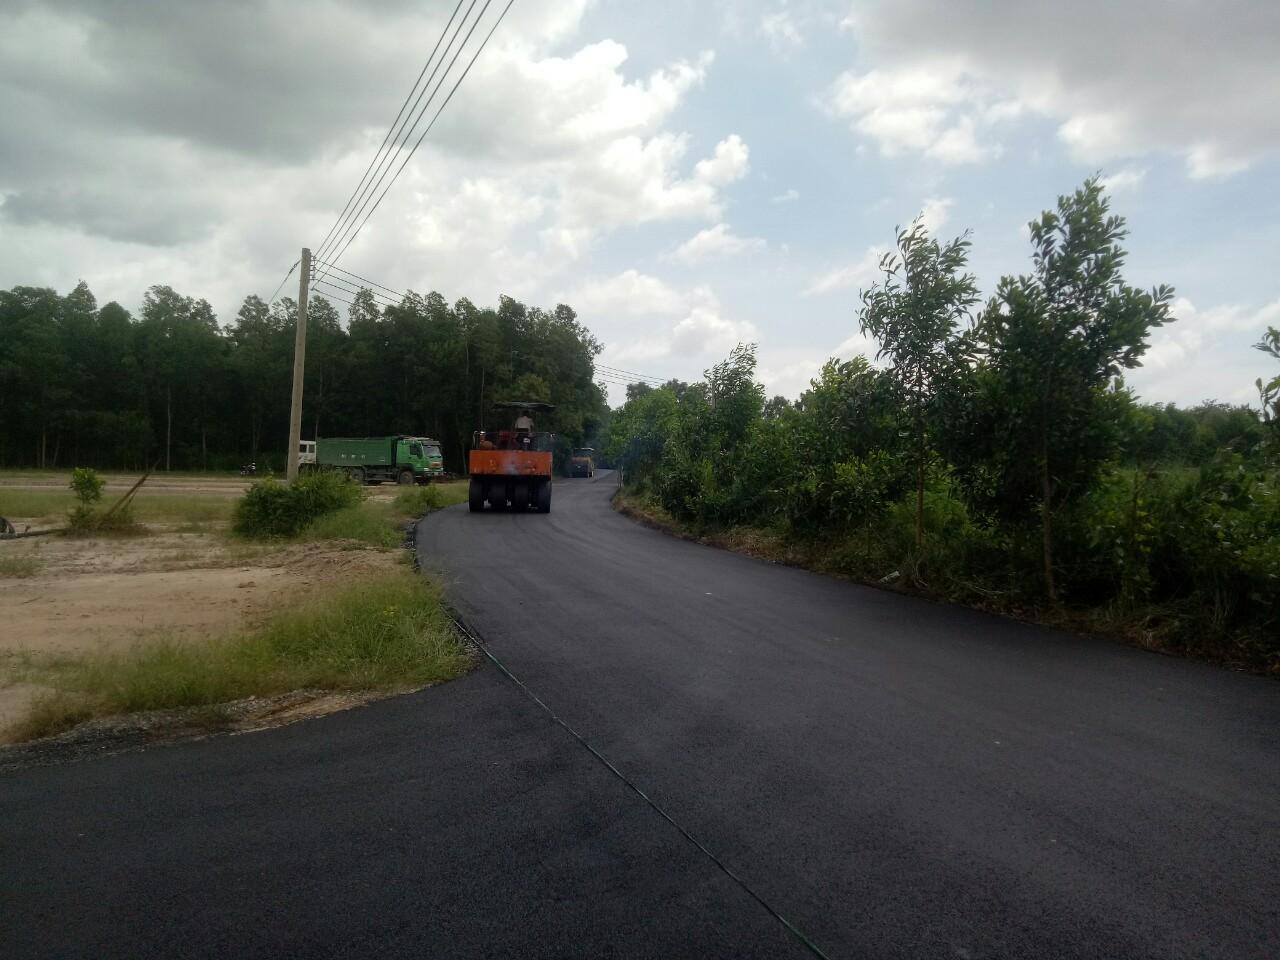 Hình ảnh thực tế dự án đất nền Tóc Tiên Town 1 thị xã Phú Mỹ Bà Rịa Vũng Tàu